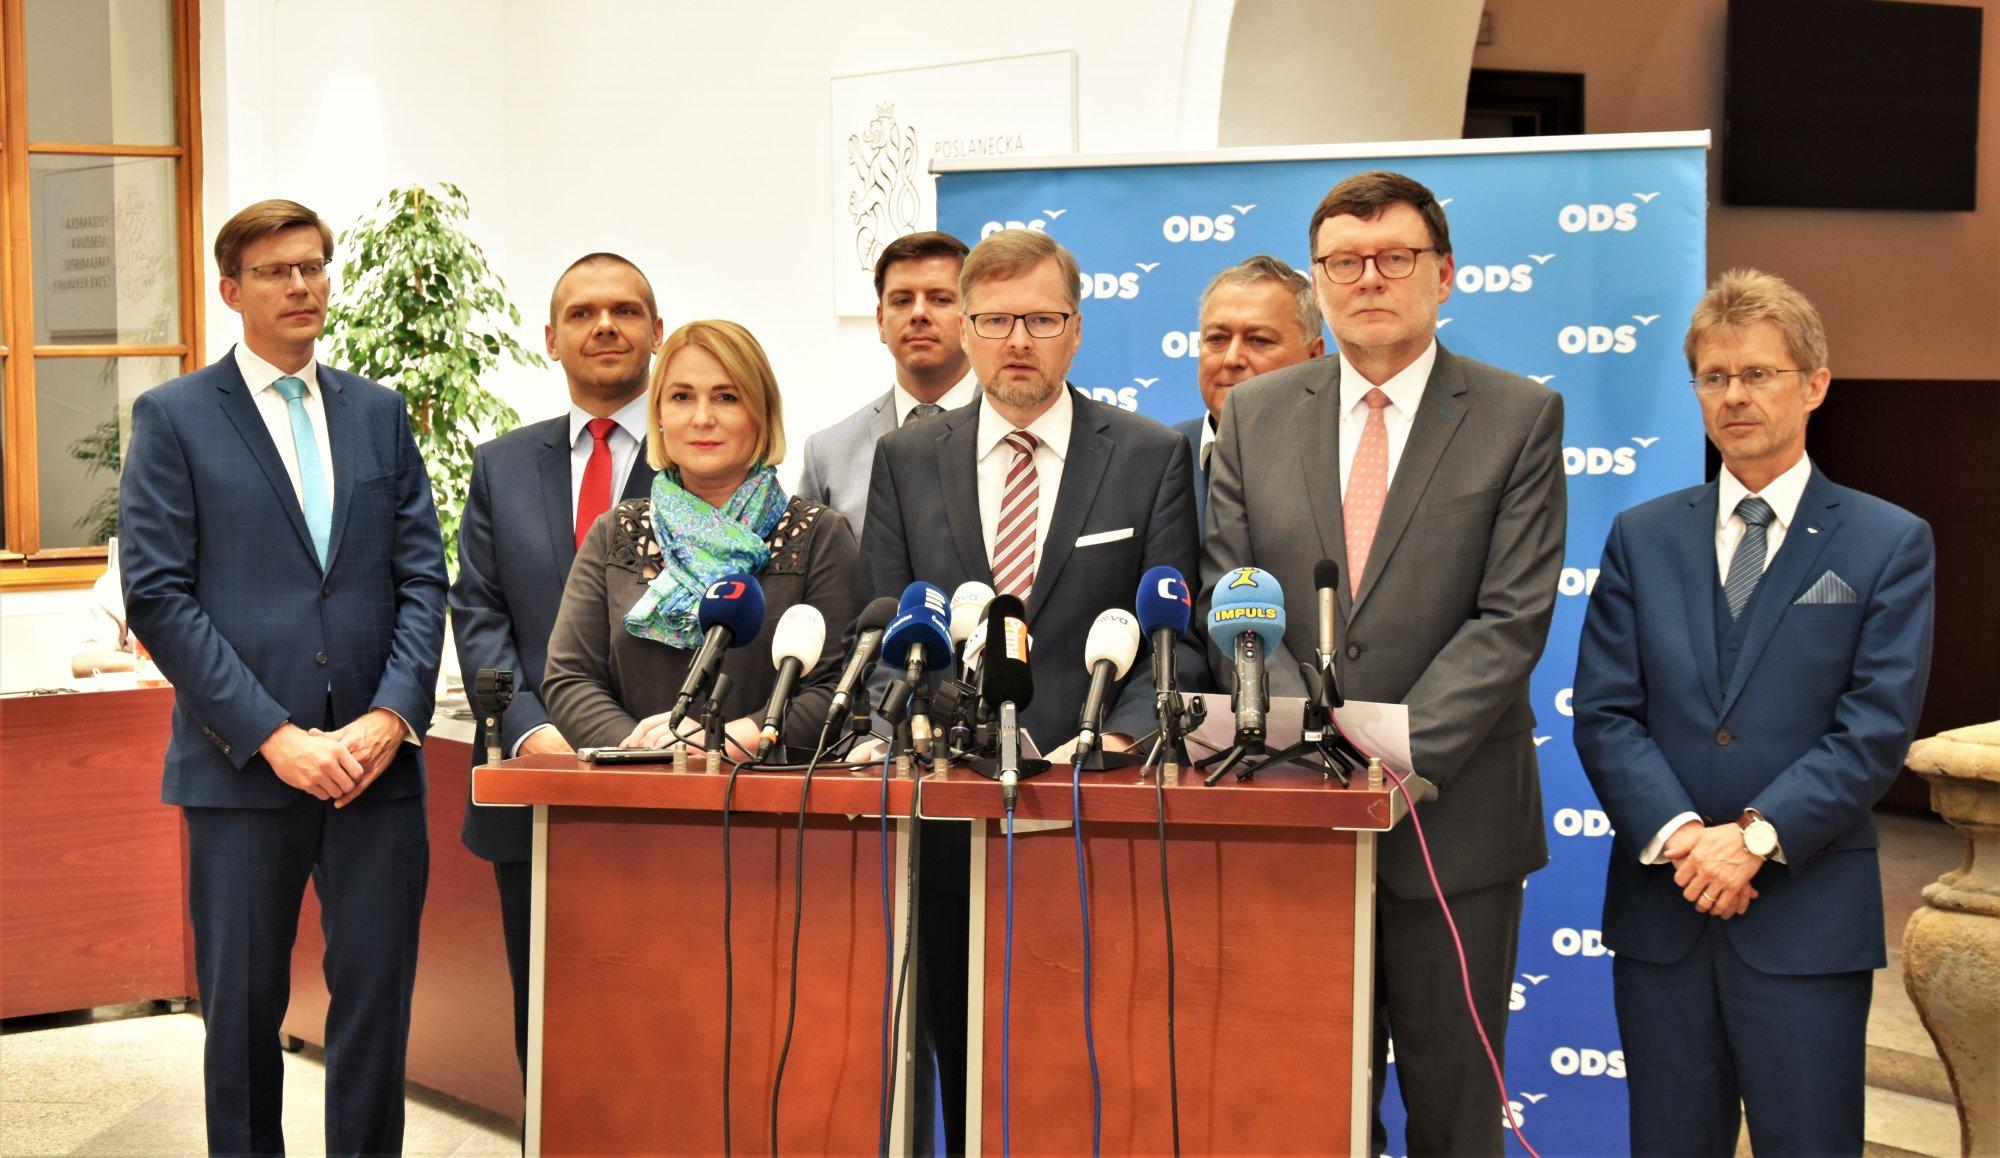 """ODS: Představujeme dokument """"Opoziční principy – rozumná alternativa pro Česko"""""""